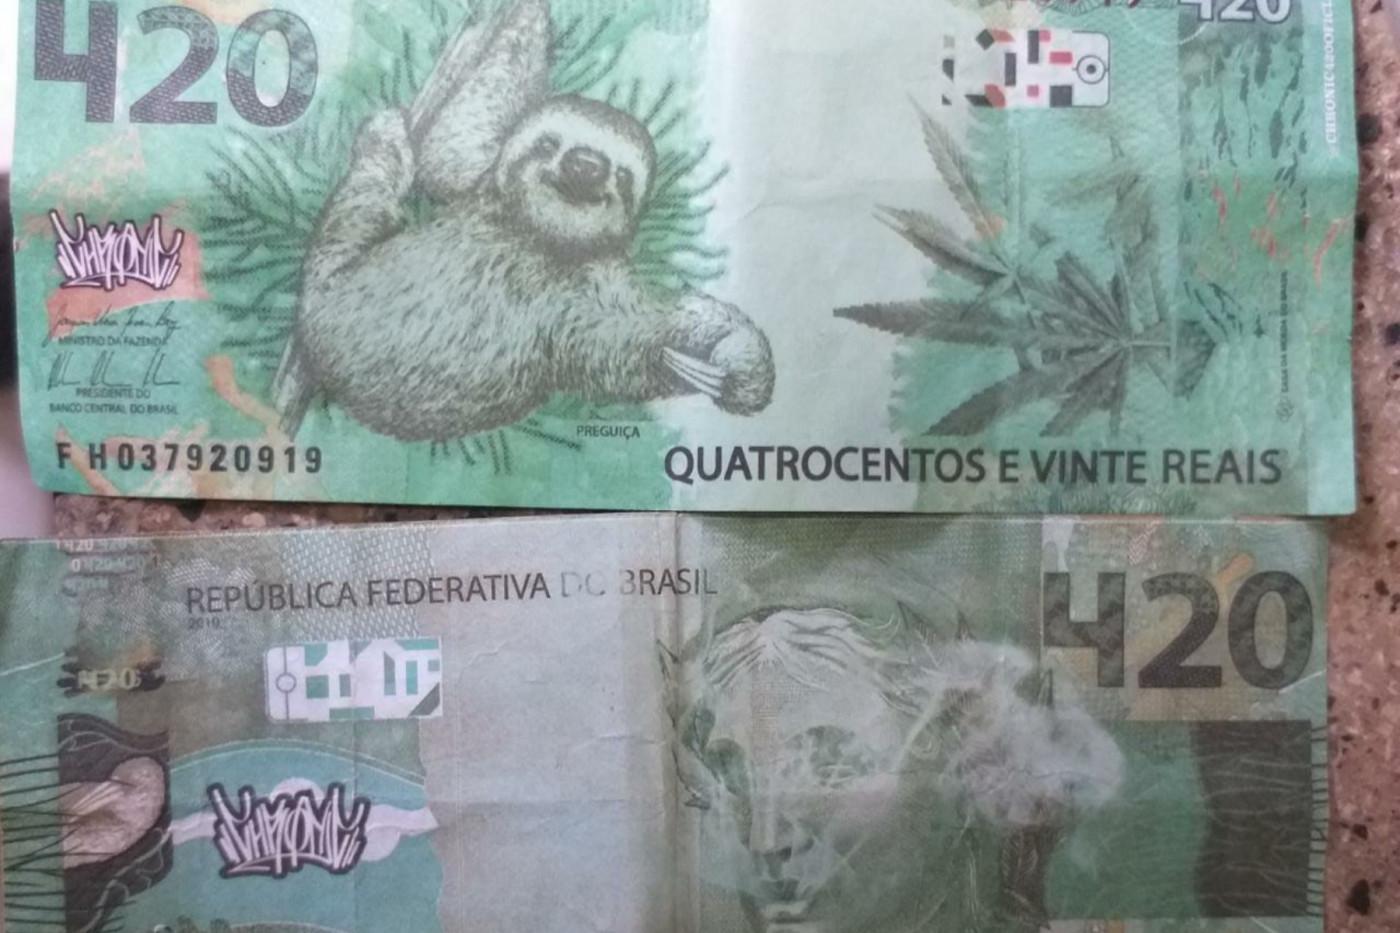 Foto de duas notas de 420 reais falsificadas